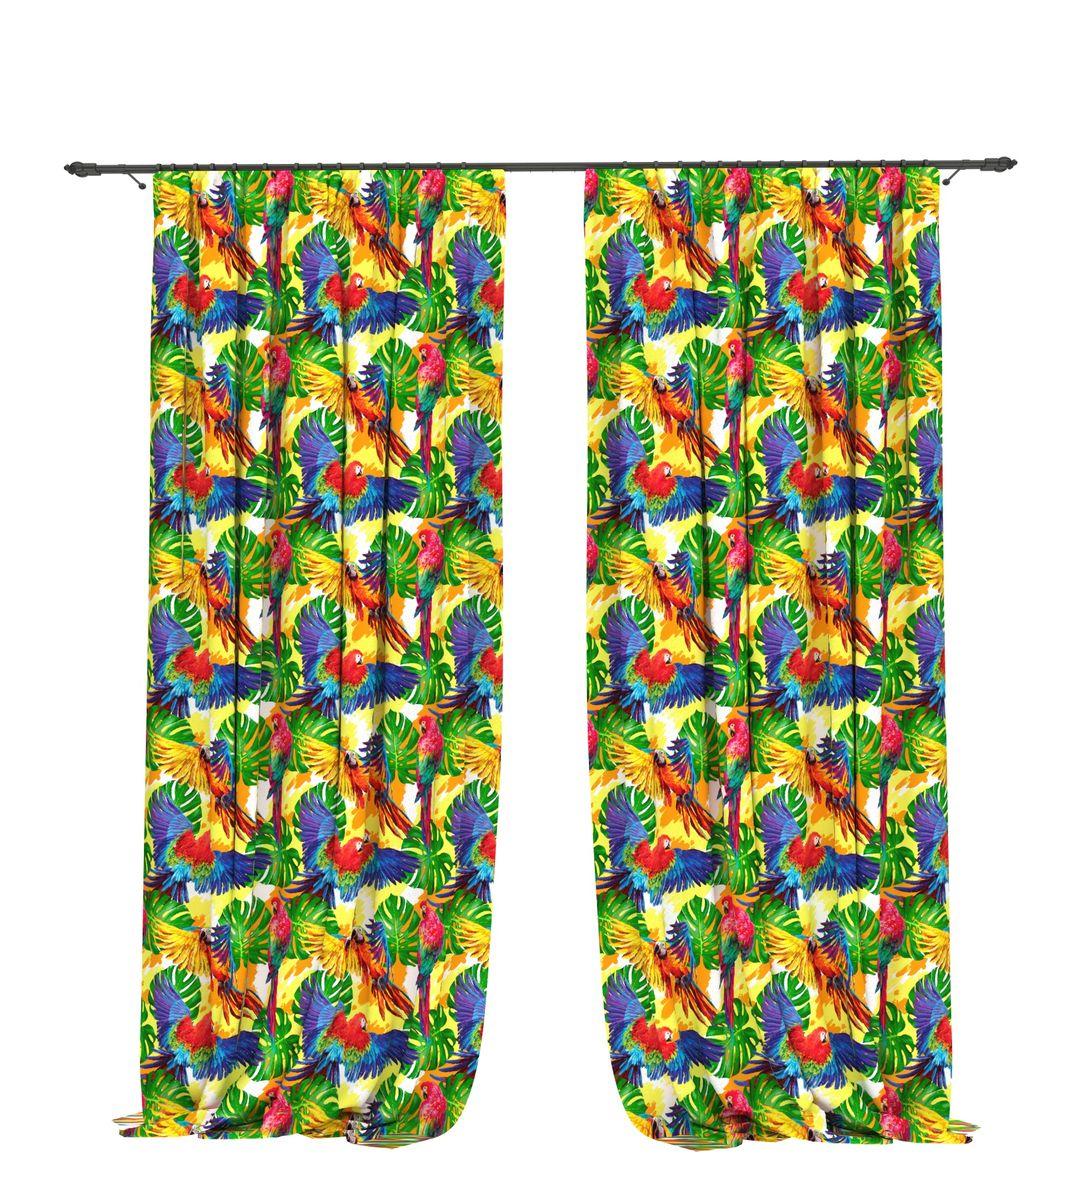 Комплект фотоштор Bellino Home Амазоны, высота 260 см. 05519-ФШ-ГБ-00103648-ФТ-ВЛ-001Комплект фотоштор BELLINO HOME, коллекция Тропики. Рожденный вдоль экватора тропический стиль смешивает множество культур и традиций в единое целое. Эта коллекция подобно котлу, в котором варятся туземные материалы, элегантная простота, экзотические мотивы и море солнечного света. Будто бы вечные каникулы: здесь замедляется время и замирает суета мегаполиса. Богатое разнообразие флоры и фауны способно преобразить атмосферу любого интерьера. Крепление на карниз при помощи шторной ленты на крючки.В комплекте: Портьера: 2 шт. Размер (ШхВ): 145 см х 260 см. Рекомендации по уходу: стирка при 30 градусах гладить при температуре до 150 градусов Изображение на мониторе может немного отличаться от реального.